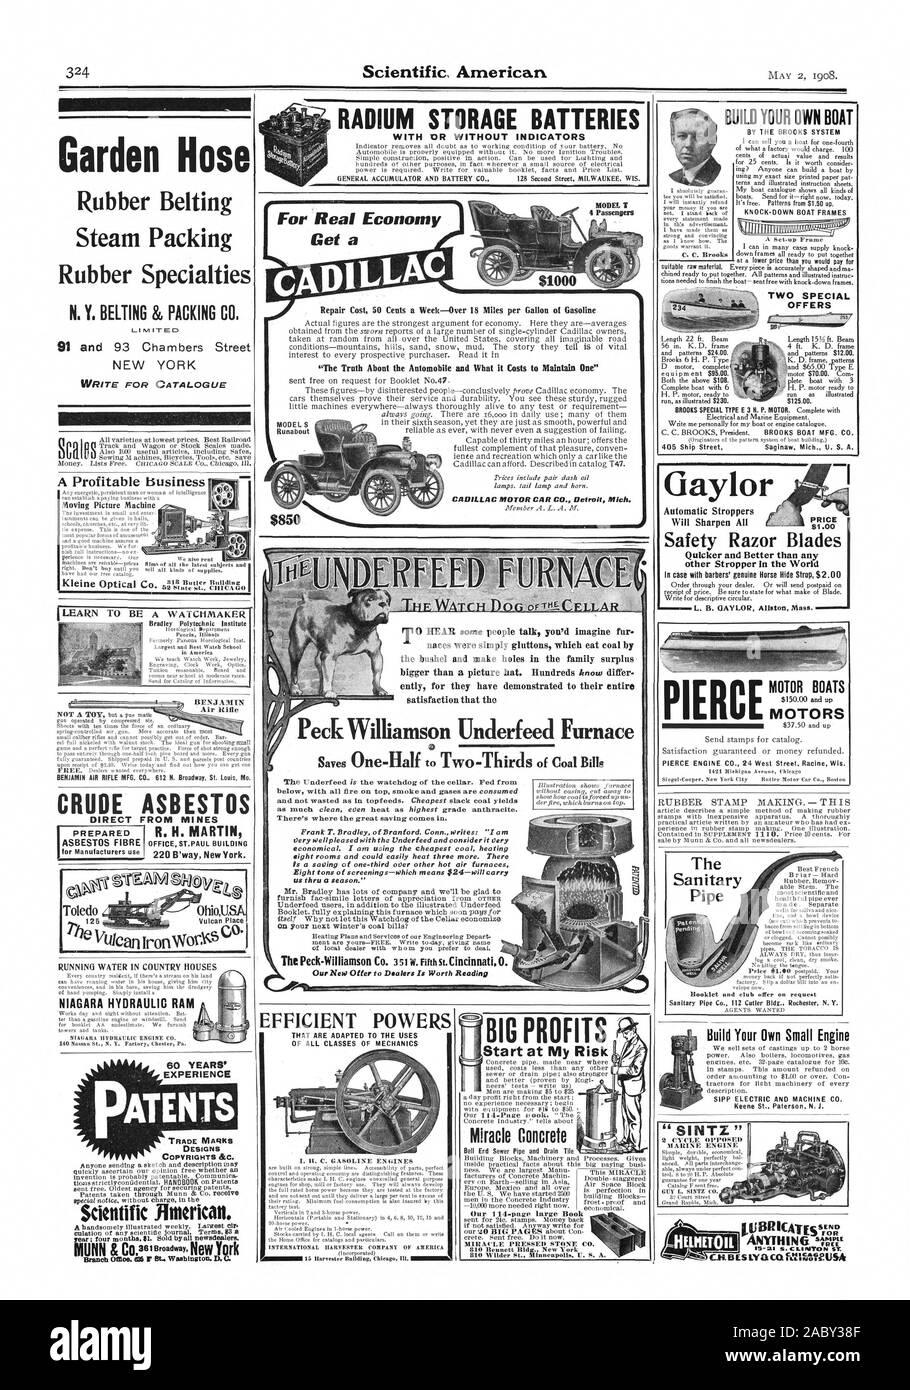 Manguera de jardín Goma Embalaje vapor especialidades de caucho N. Y. el correaje & Packing Co. de Nueva York escribe para el catálogo de una rentable tiusiness . Amianto crudo directamente desde minas preparado fibra de amianto R. H. MARTIN 220 B'forma en Nueva York. NIAGARA ariete hidráulico 140 Nassau St. N. Y. Factory Chester Pa. 60 años de experiencia en patentes MARCAS DISEÑOS COPYRIGHTS &C. Rmerican científico RADIUM LAS BATERÍAS DEL ALMACENAMIENTO CON O SIN indicadores obtener $1000 Modelo S Runabout .4 't Nu: satisfacción que las Potencias eficiente I. H. C. GASOLINA EN VIDES 15 bandas cosechadora Chicag 810 Wilder St. Minneapolis U. S. UNA Foto de stock